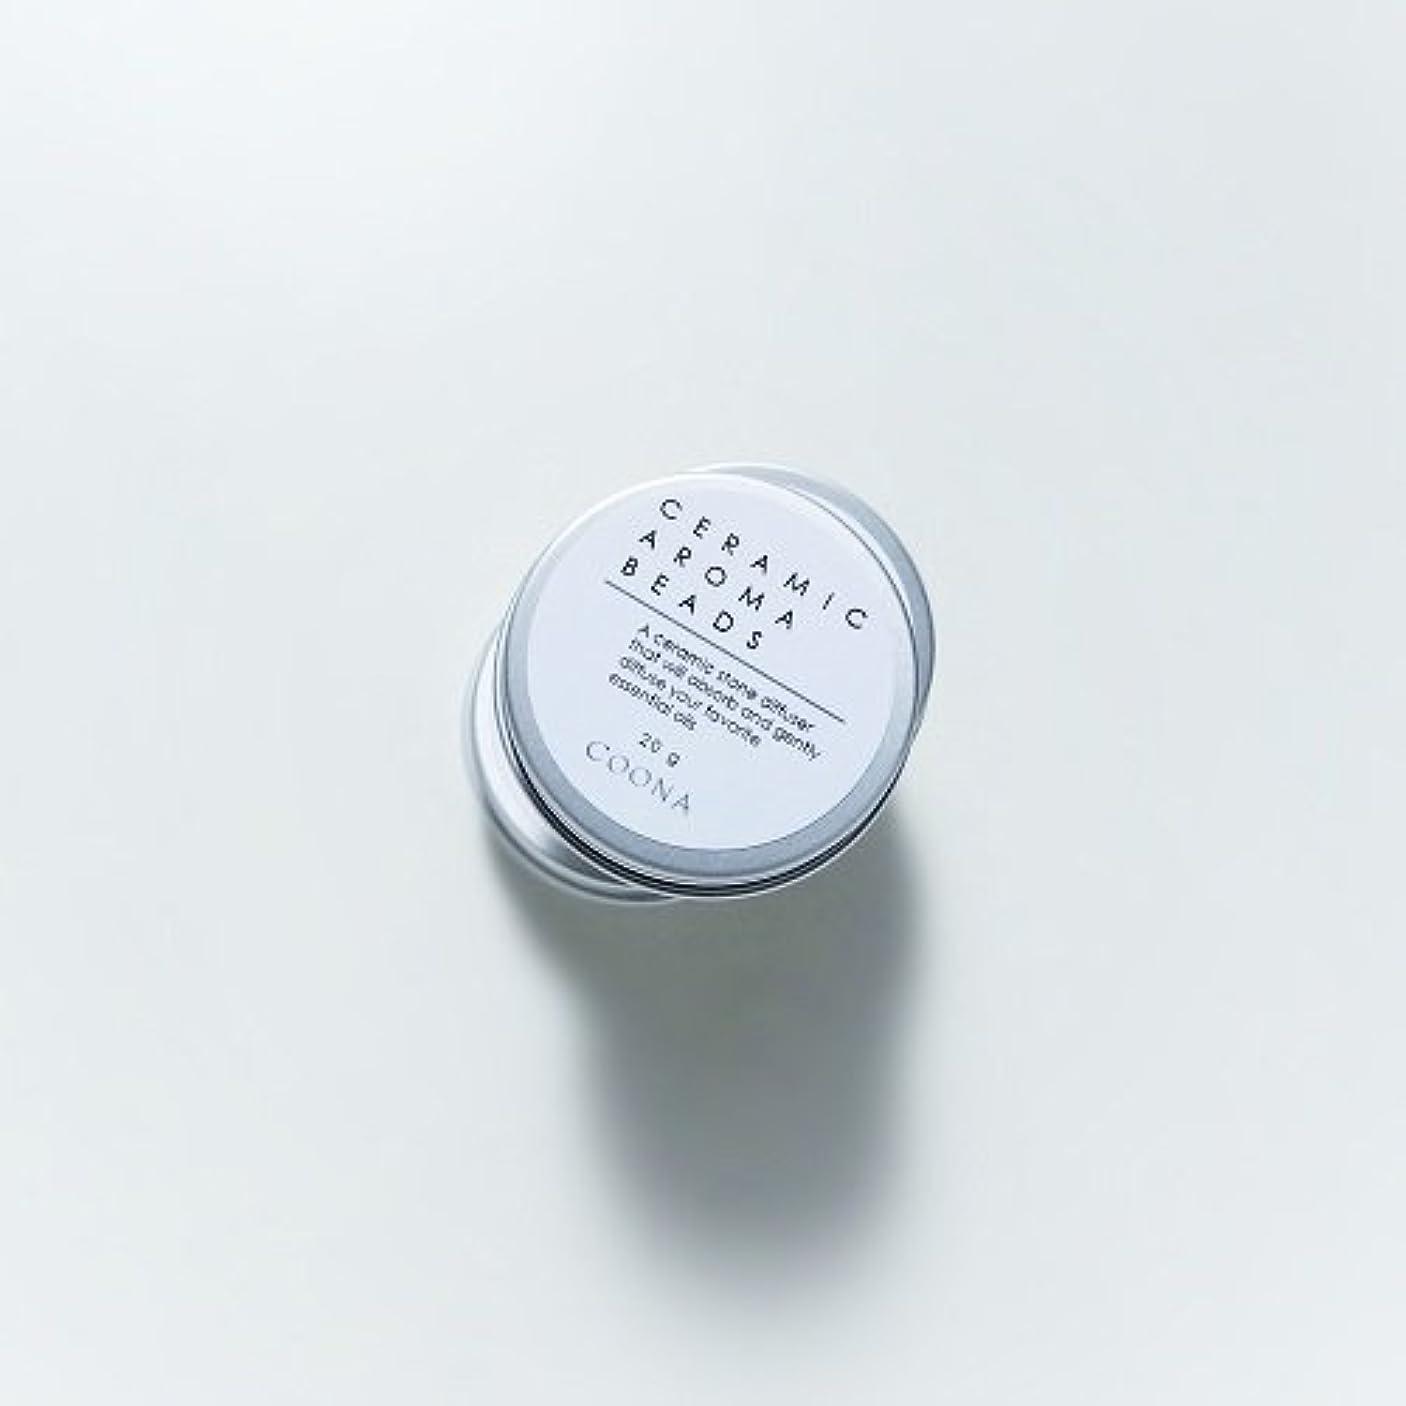 フィッティングホイップ堤防セラミックアロマビーズ(缶入り アロマストーン エコディフューザー)20g×1個